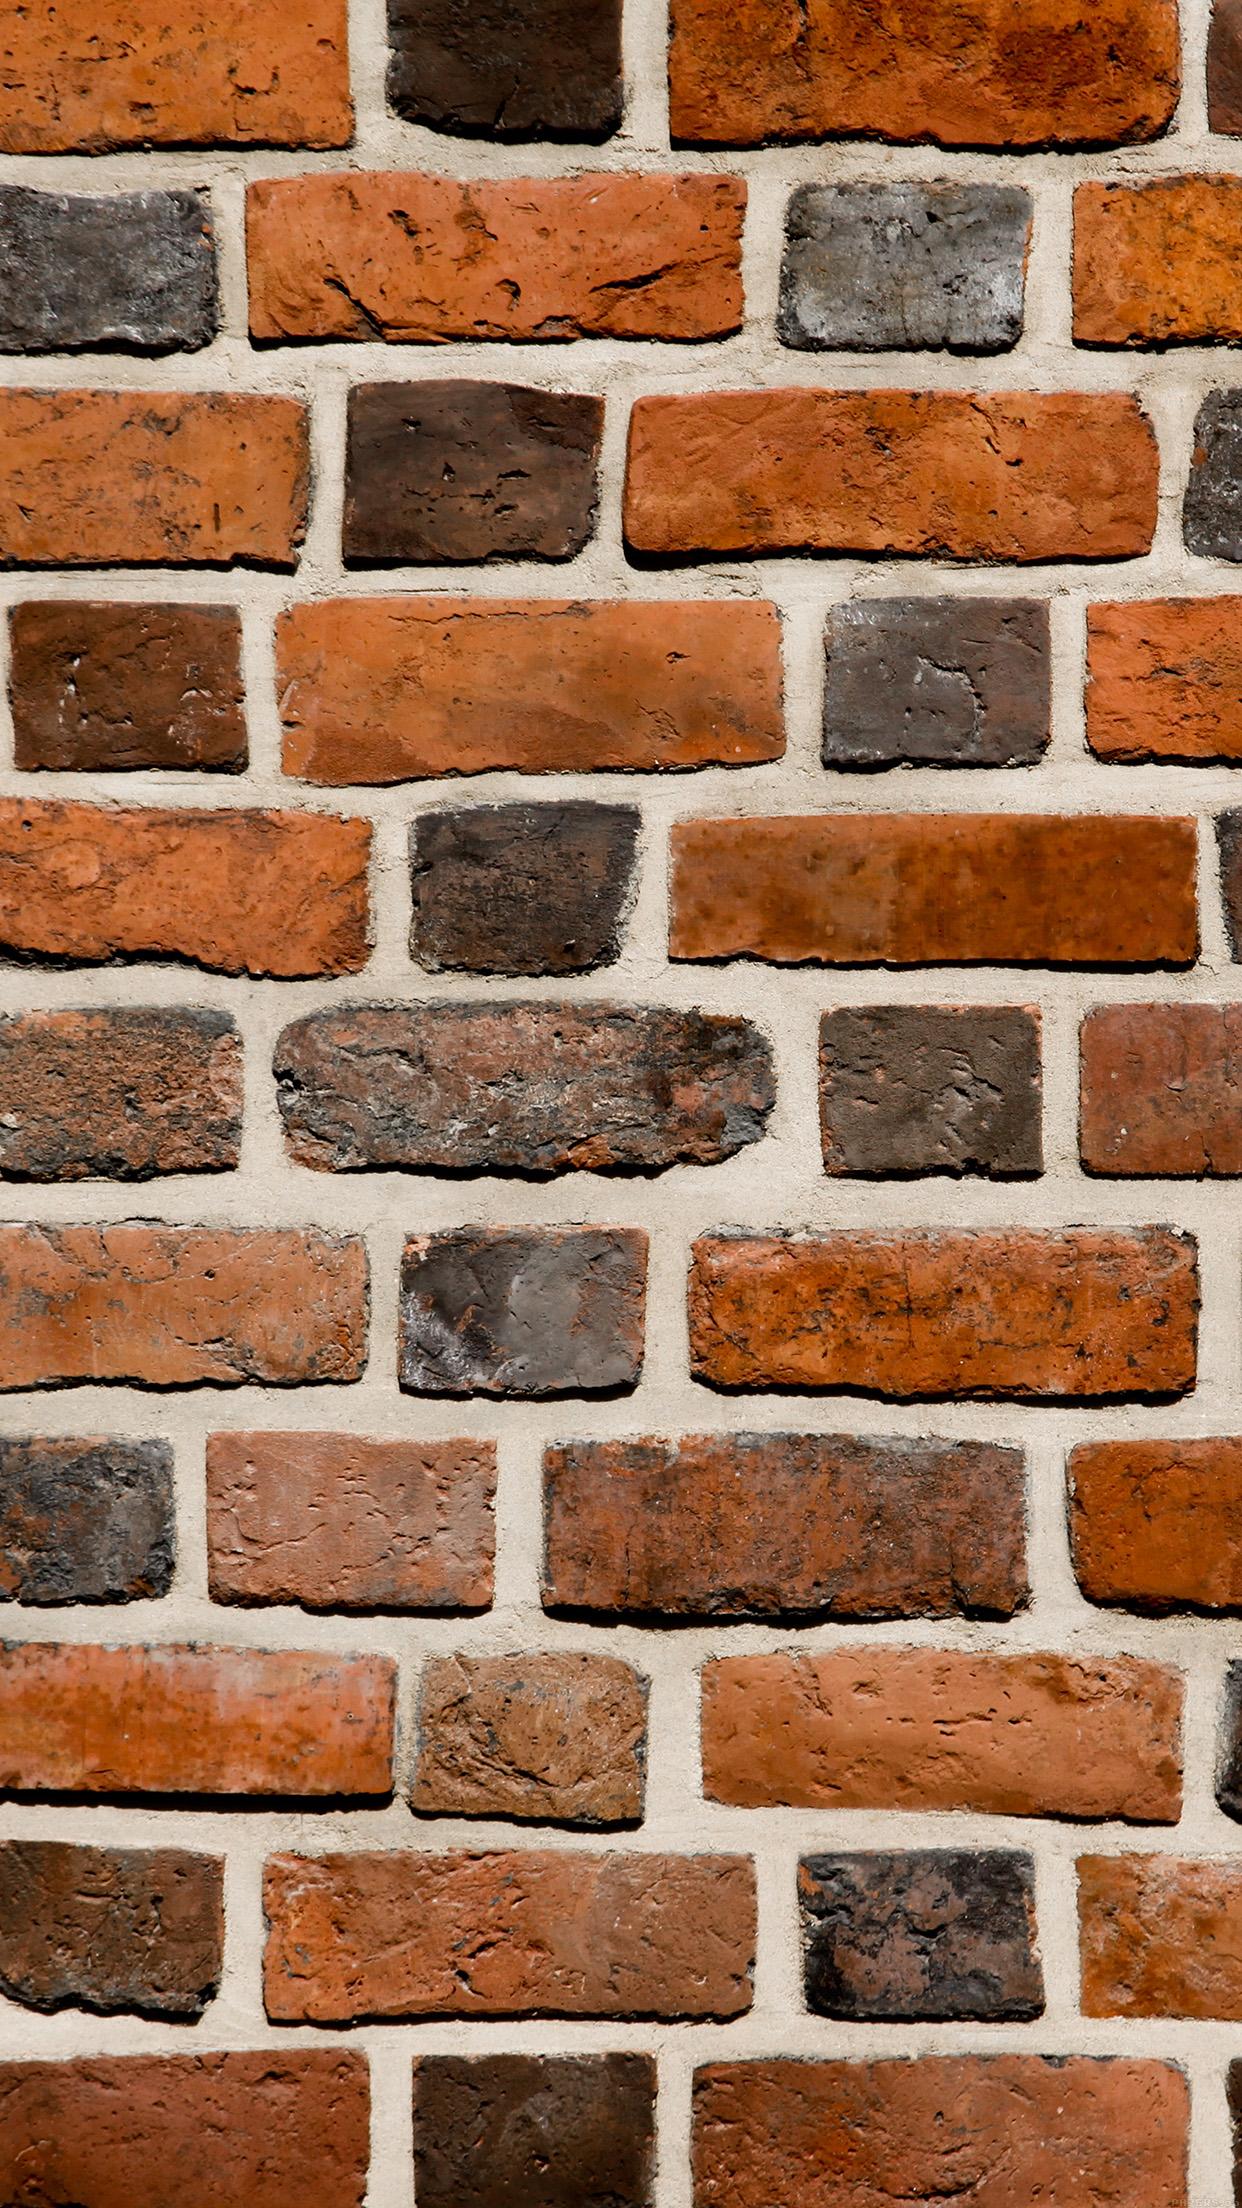 34 brick wall wallpaper - photo #7